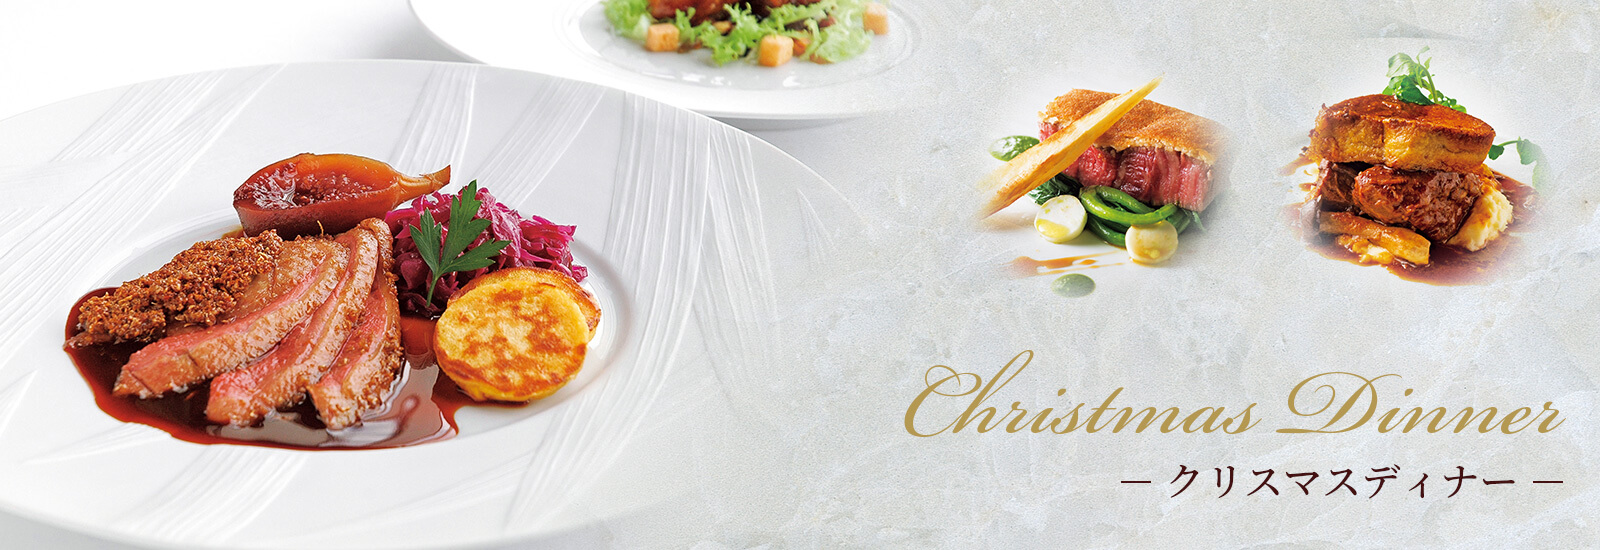 クリスマスシーズン到来!名古屋駅で『ミッドランドクリスマス2018』が開催中 - dinner bnr